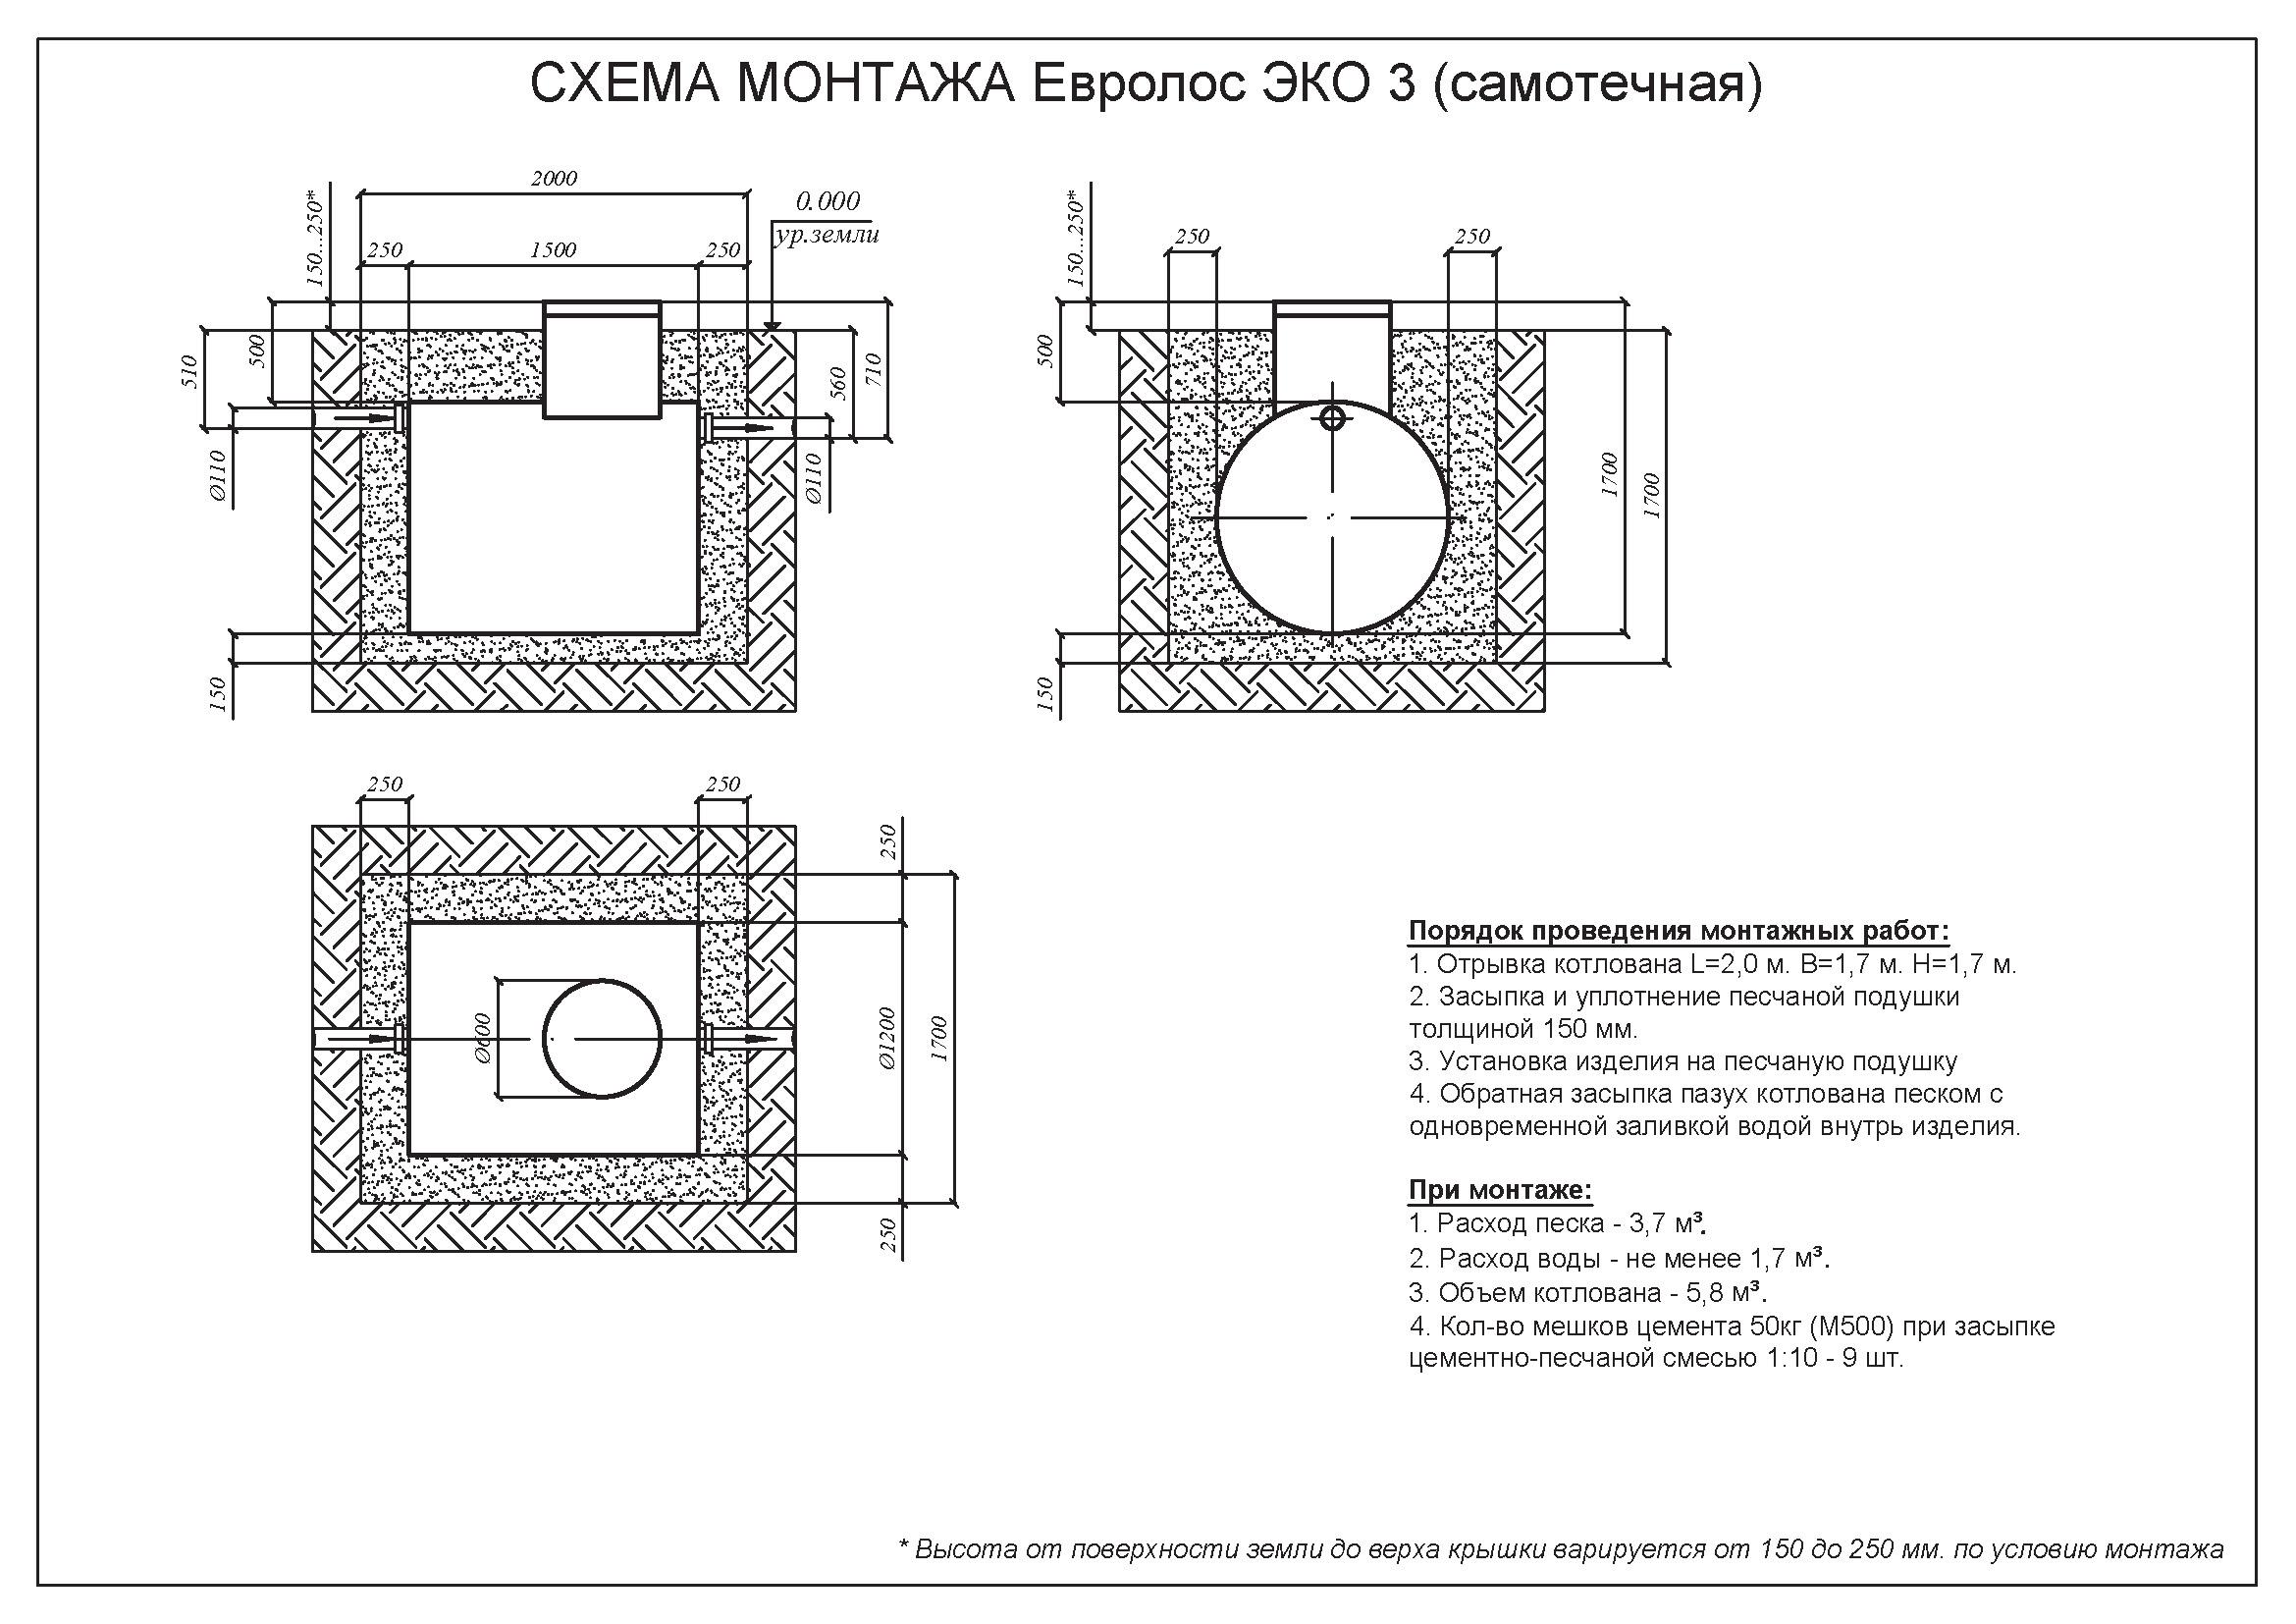 Монтажные схемы Евролос Эко_Страница_1